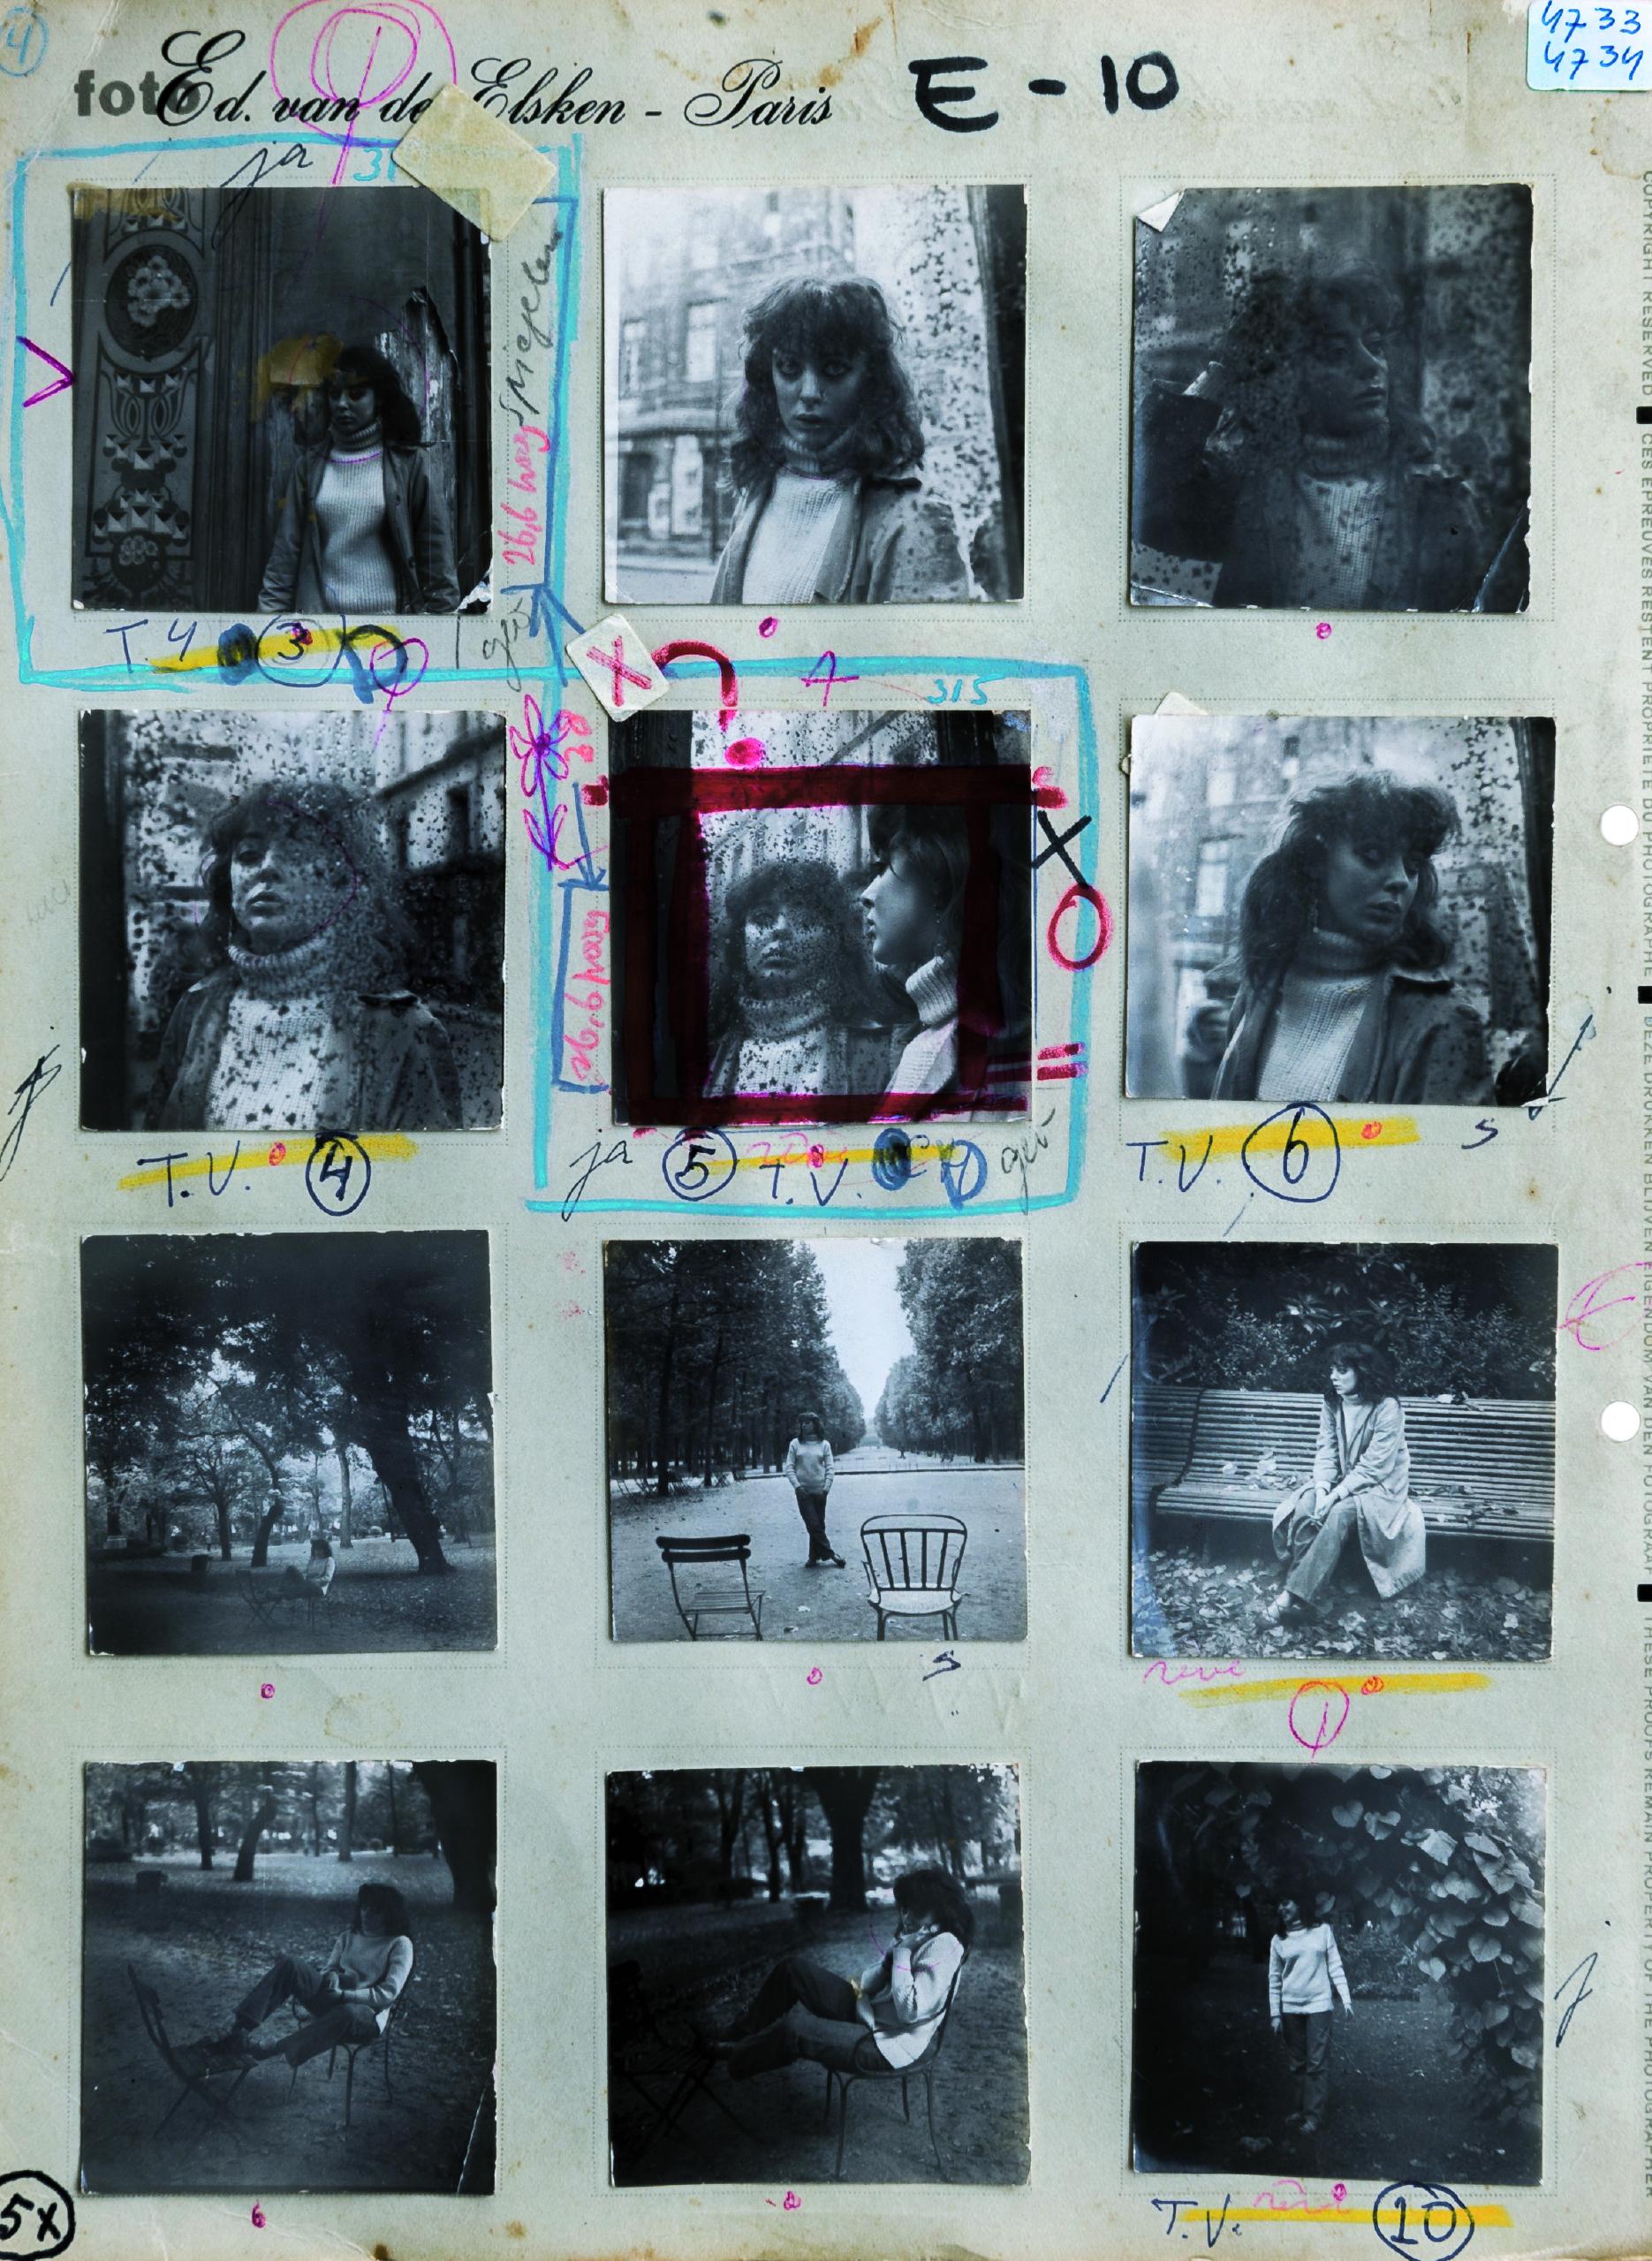 Planche contact préparatoire pour la publication de « Love on the Left Bank », collection Anneke Hilhorst © Ed van der Elsken